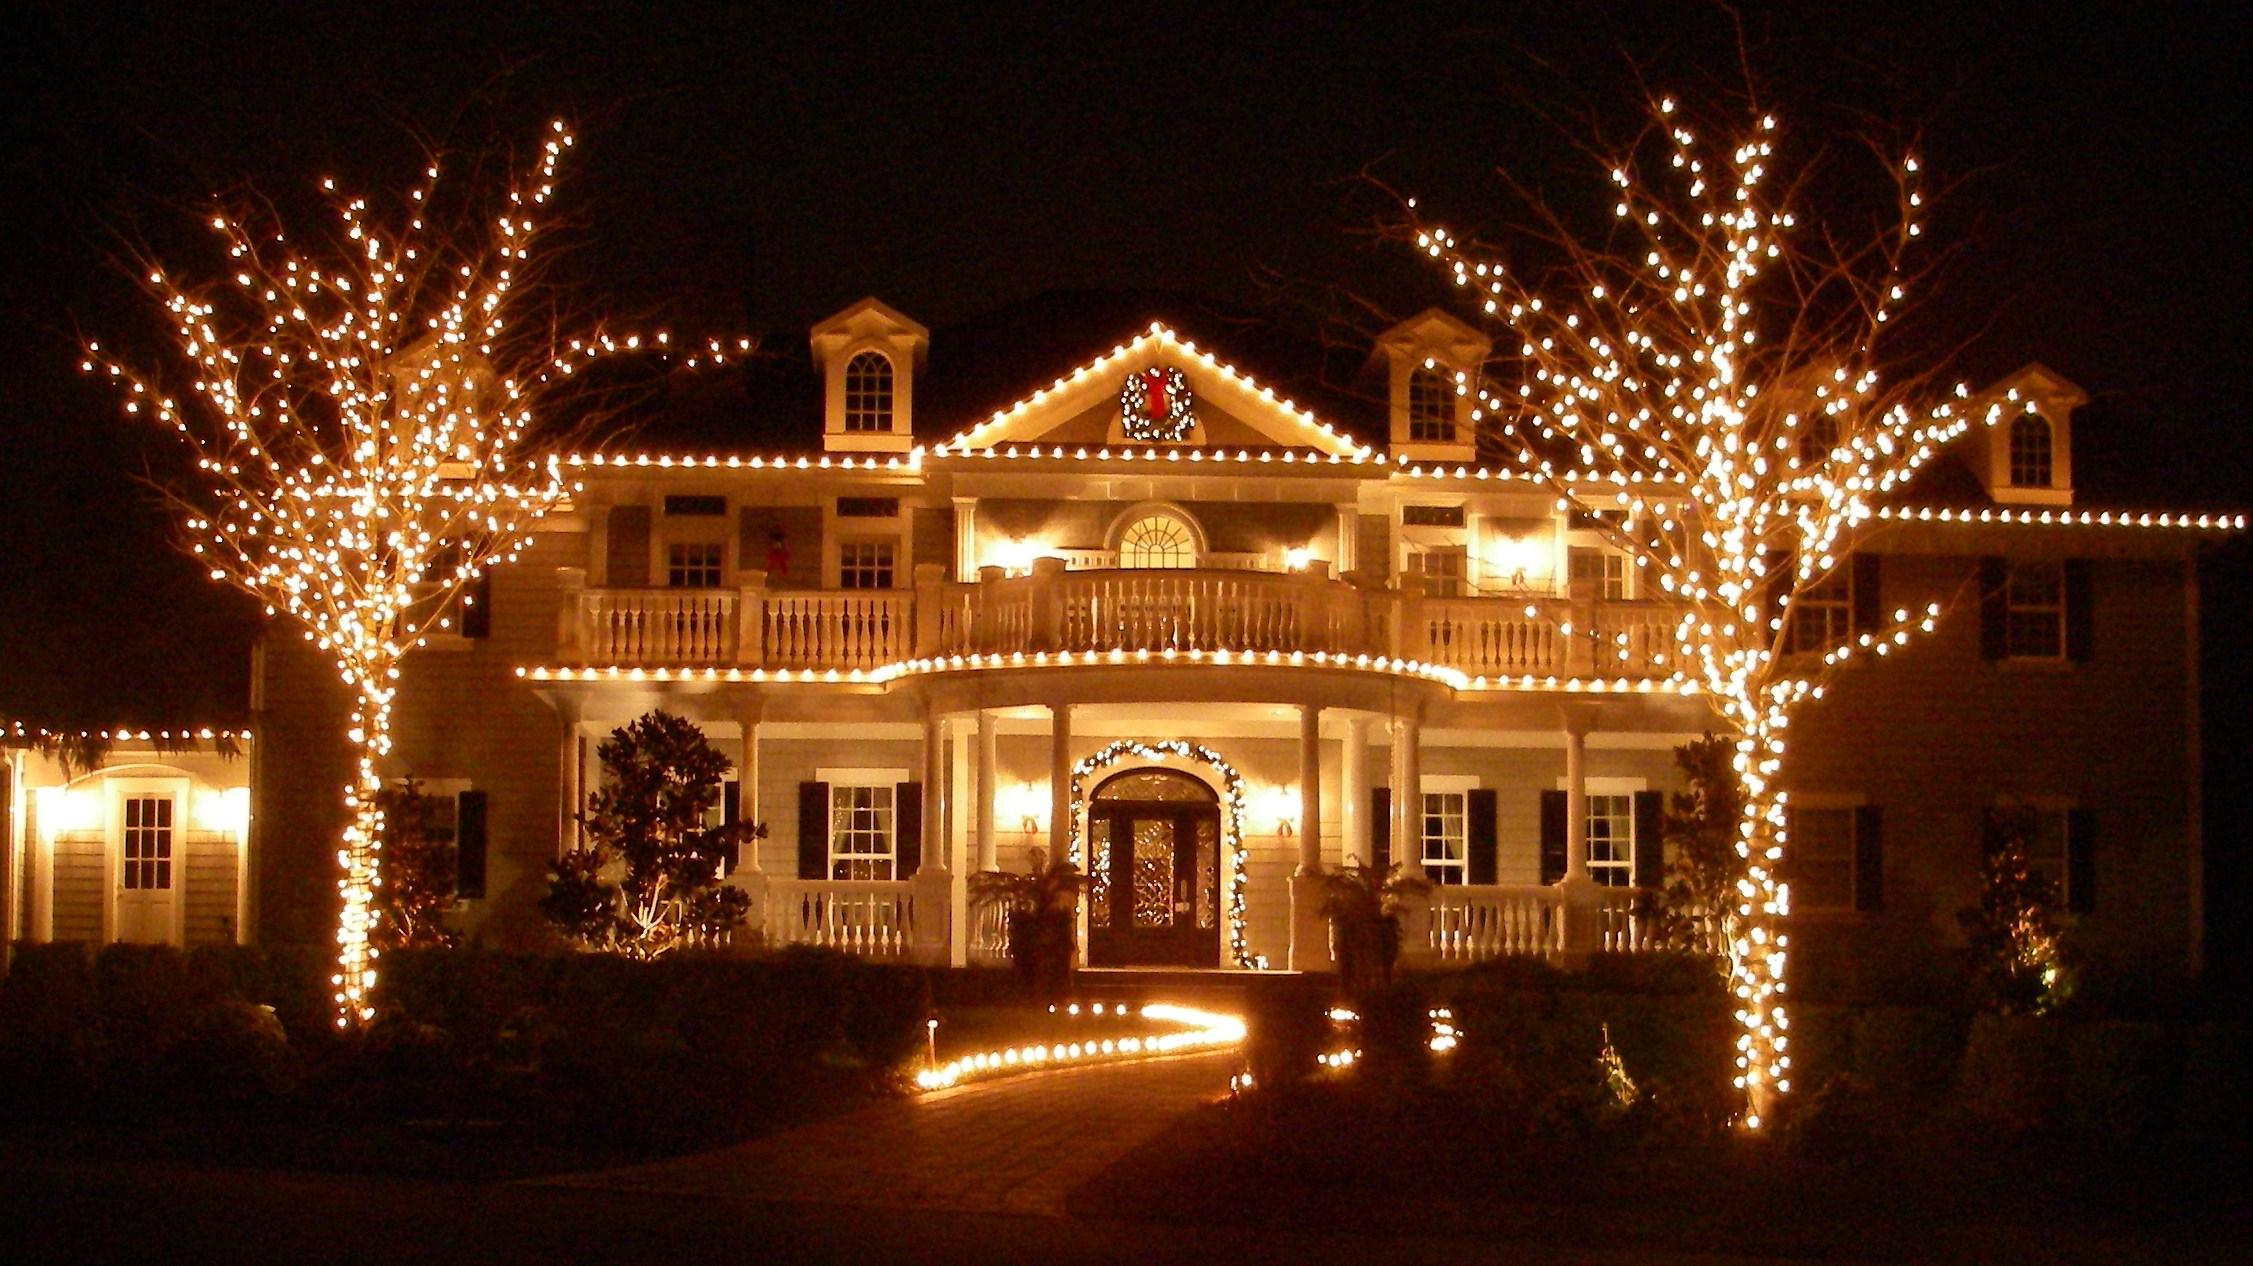 Amazing-house-decoration-ideas